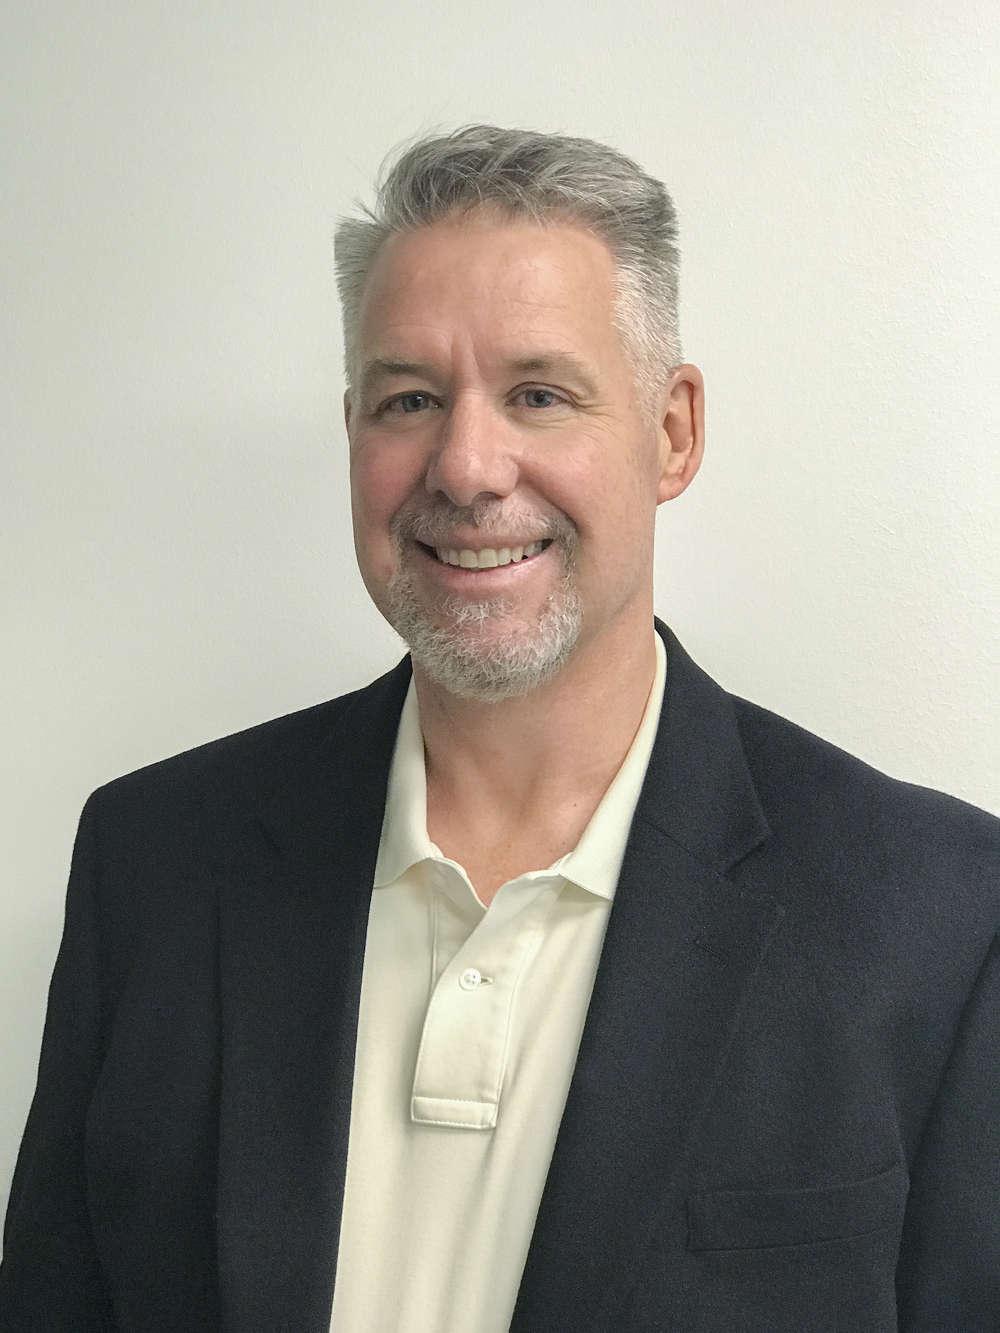 Kevin Krausch